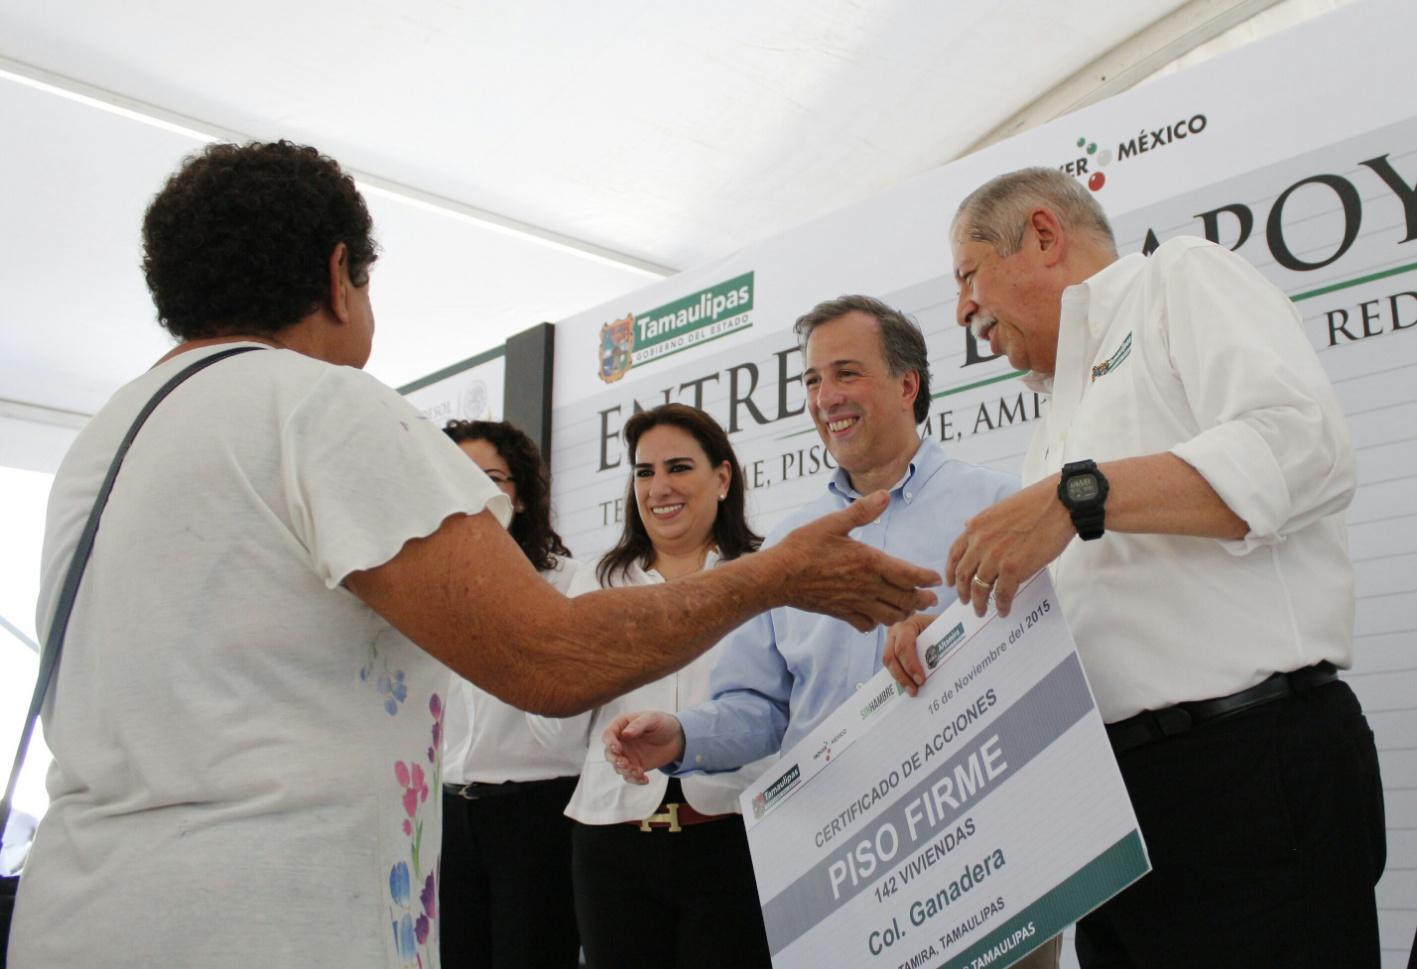 FOTO 7 Secretario Meade en el marco de su gira por Tamaulipasjpg